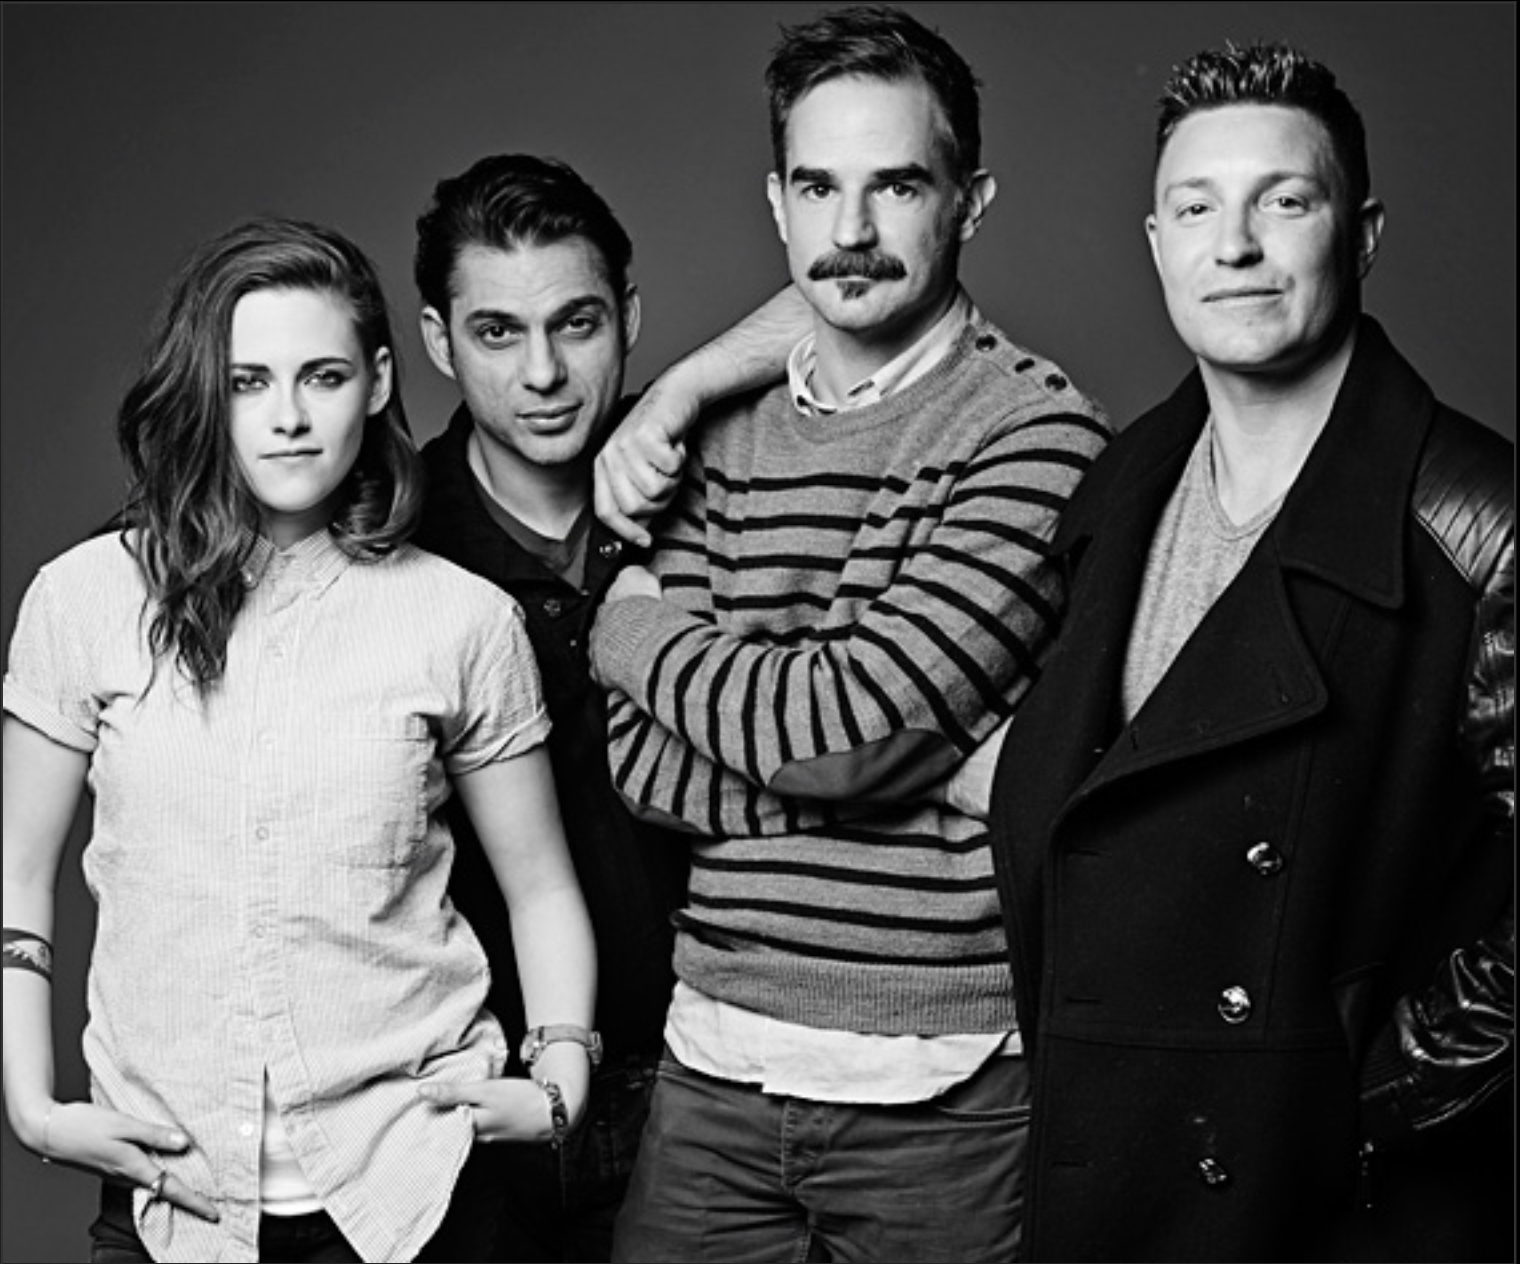 Novo portrait de Kristen e elenco de 'Camp X-Ray' para o Sundance + Citação na InStyle - Edição de abril - Hollywood News